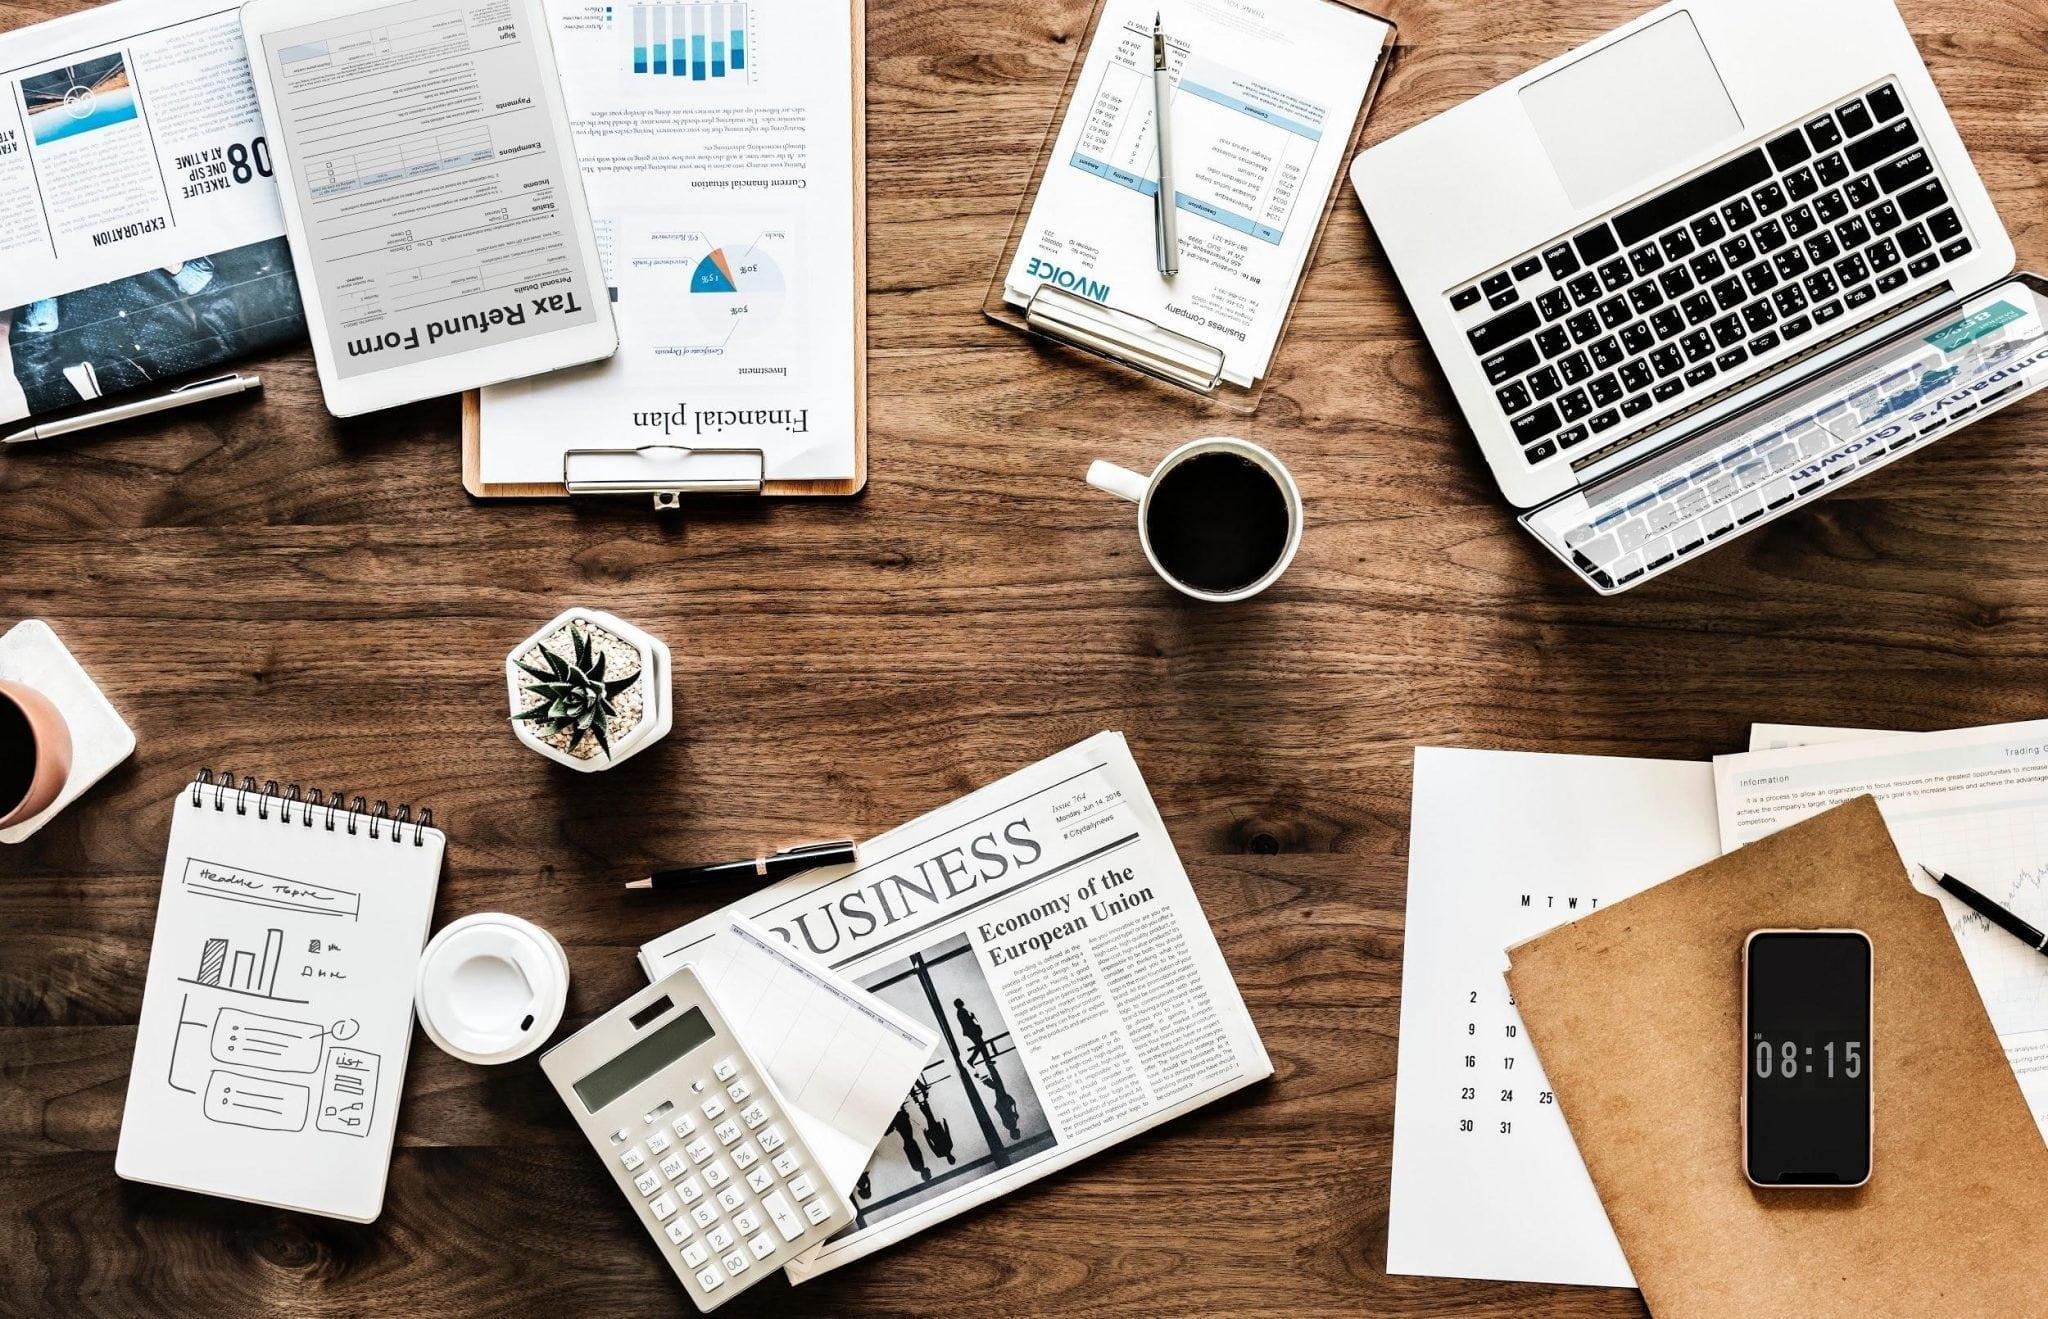 商科assignment 代写 市场营销计划